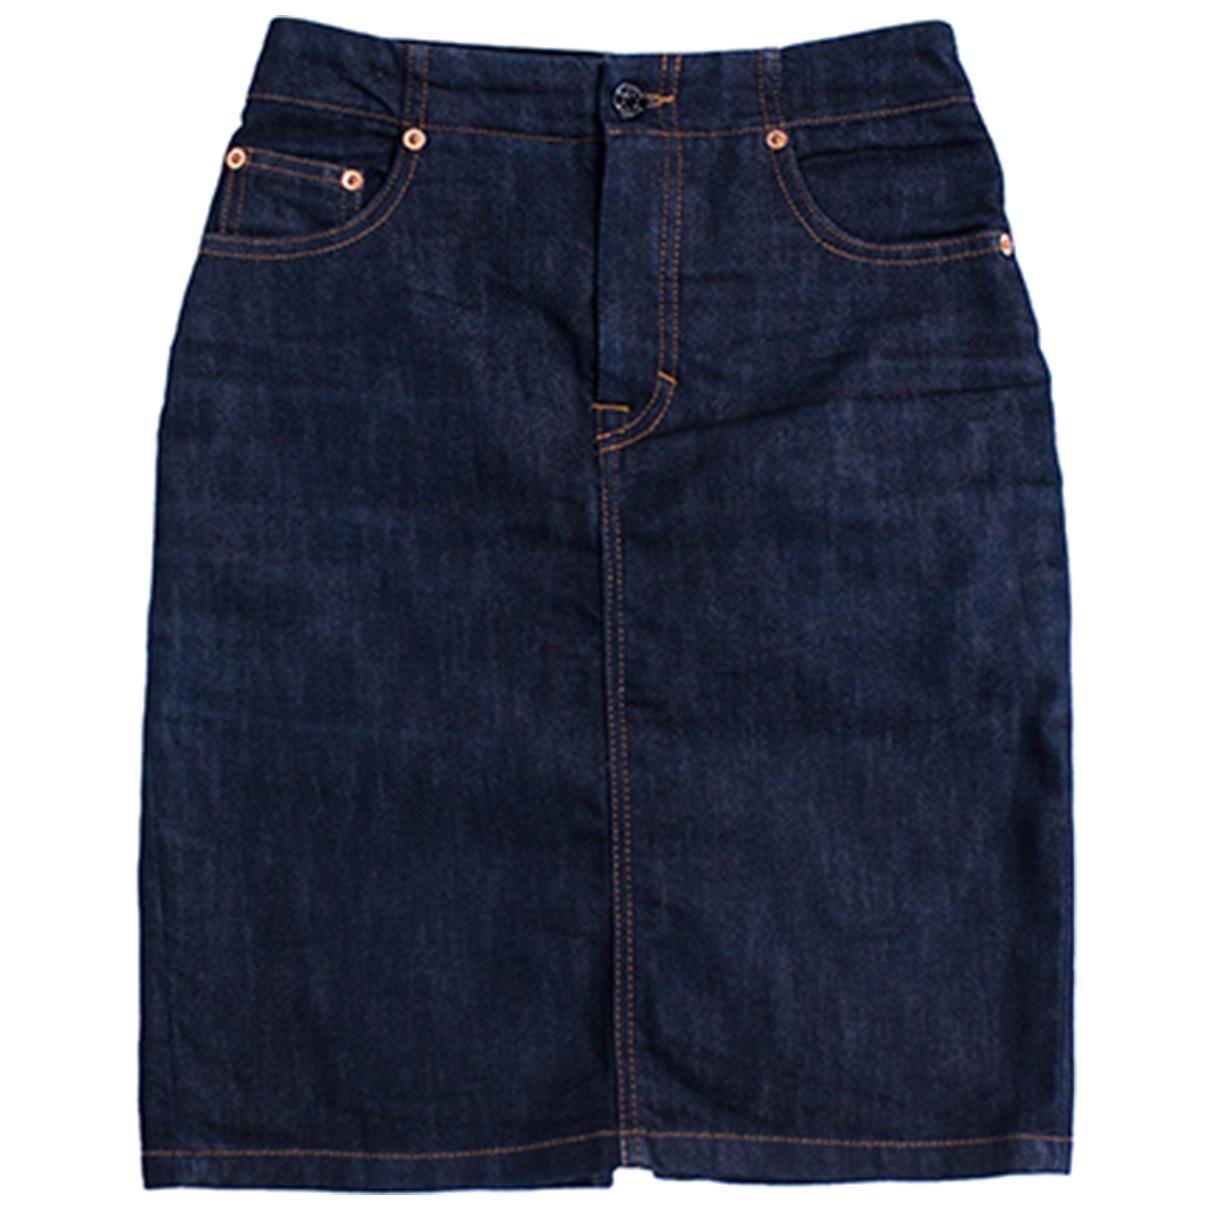 Filippa K \N Blue Denim - Jeans skirt for Women XS International